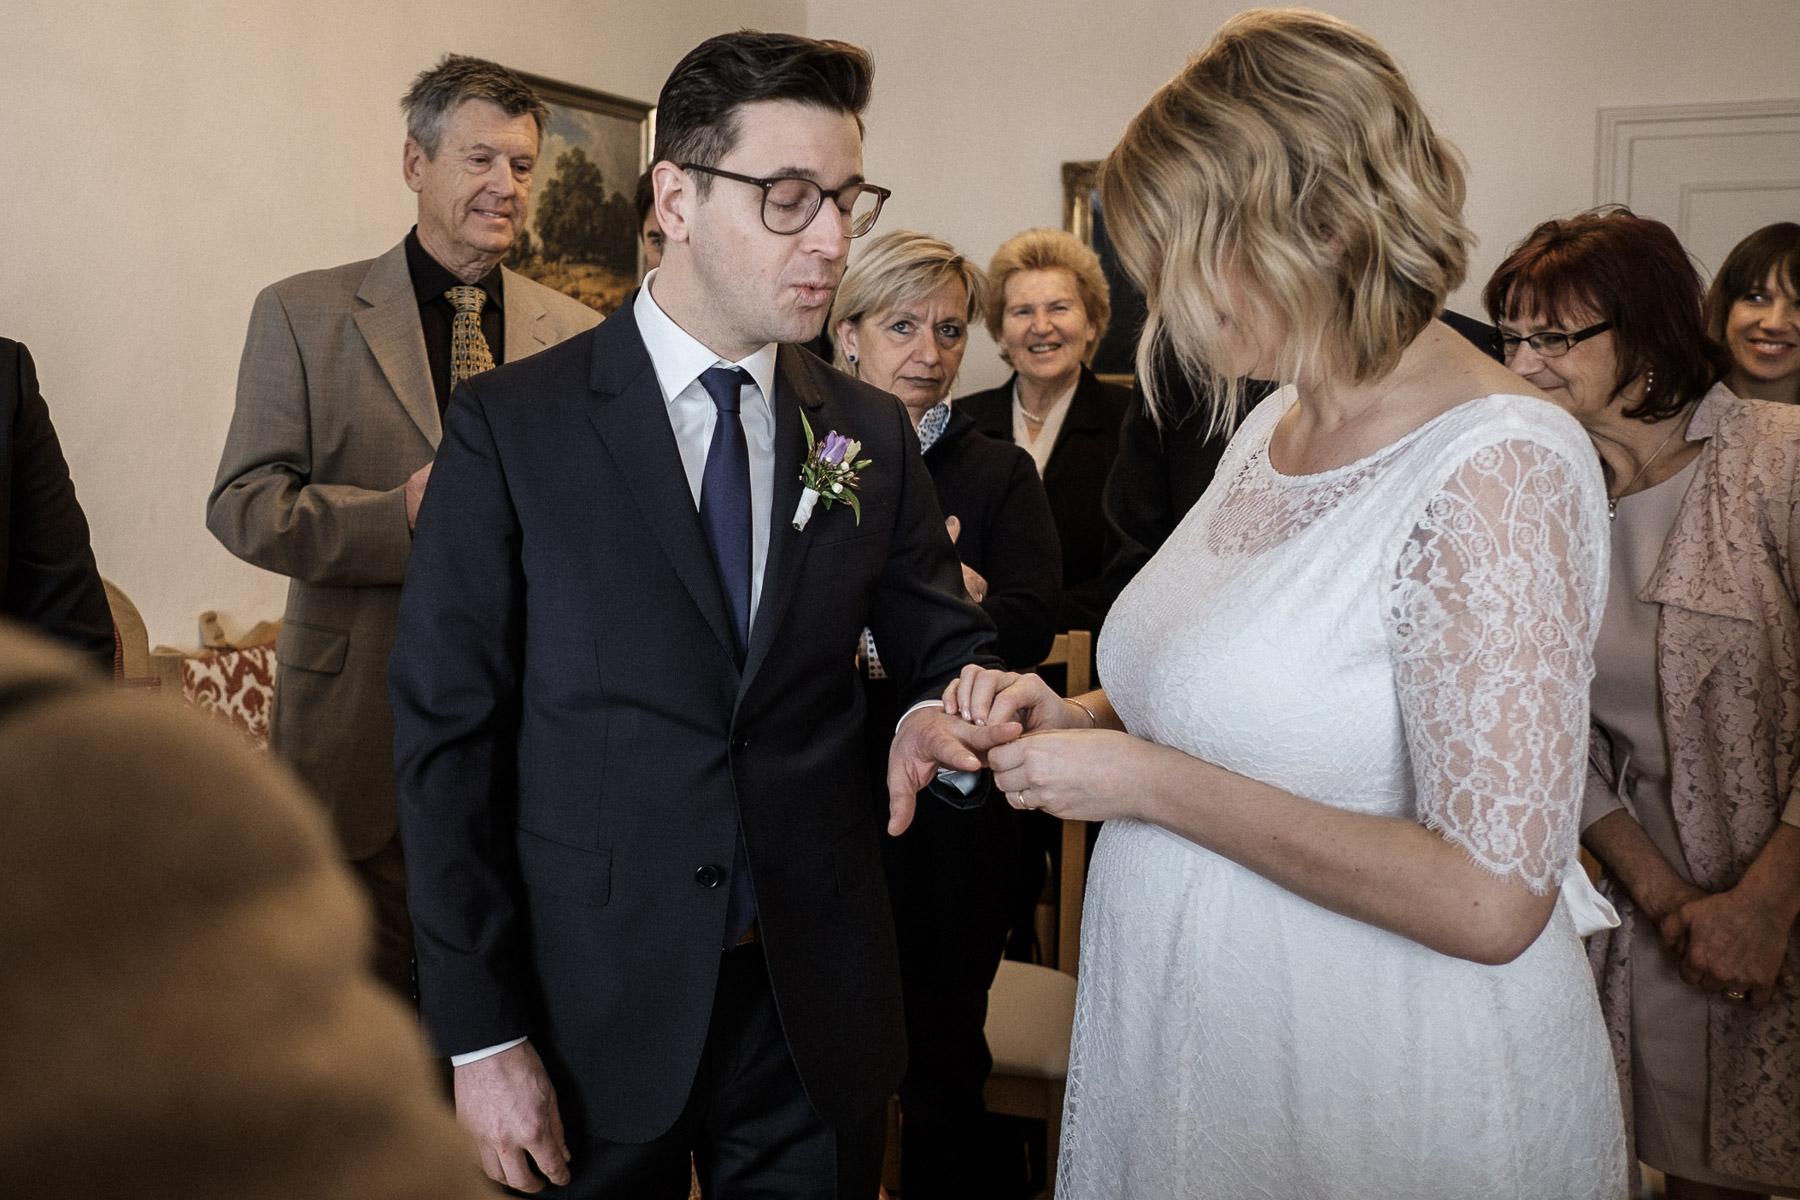 MartinLiebl_Hochzeitsfotograf_KCL_Blog_31.jpg